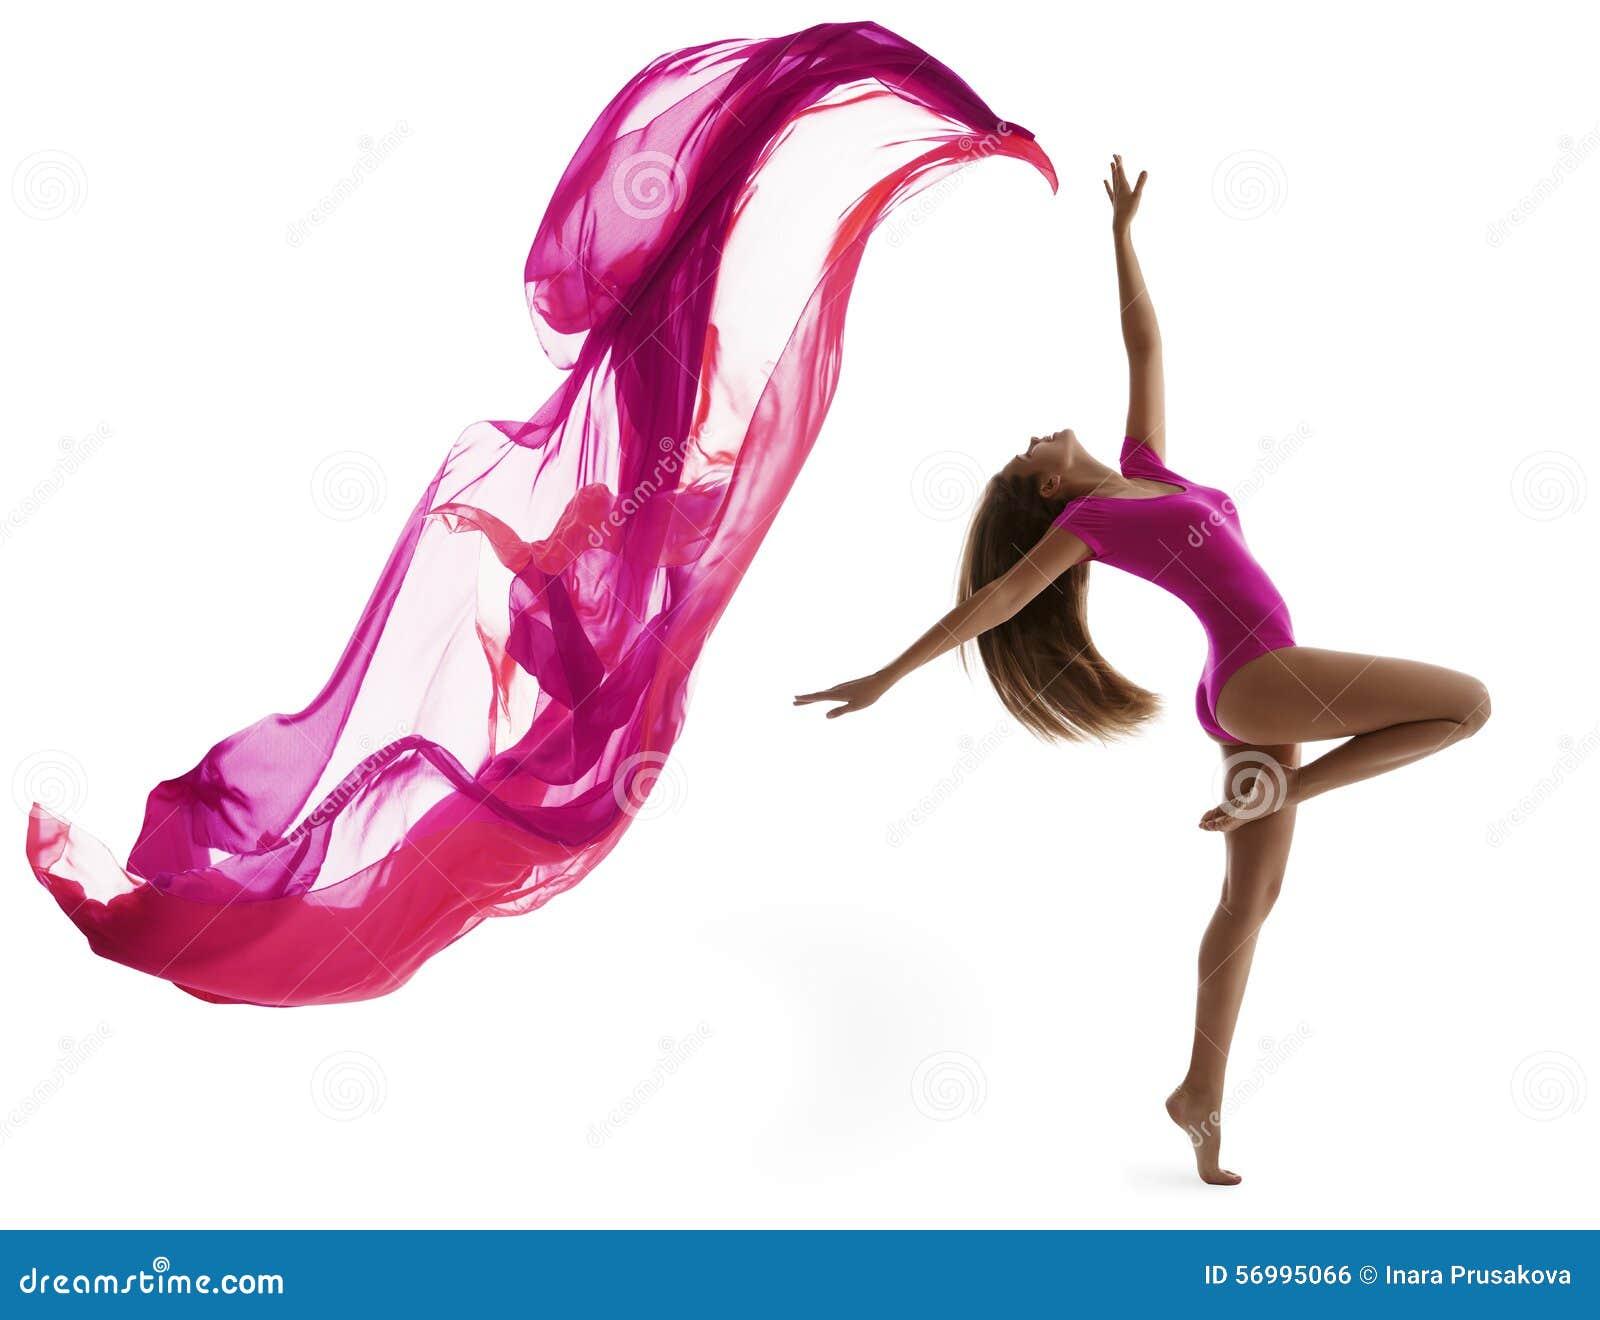 Спортивные танцоры с сексуальнами содержанием